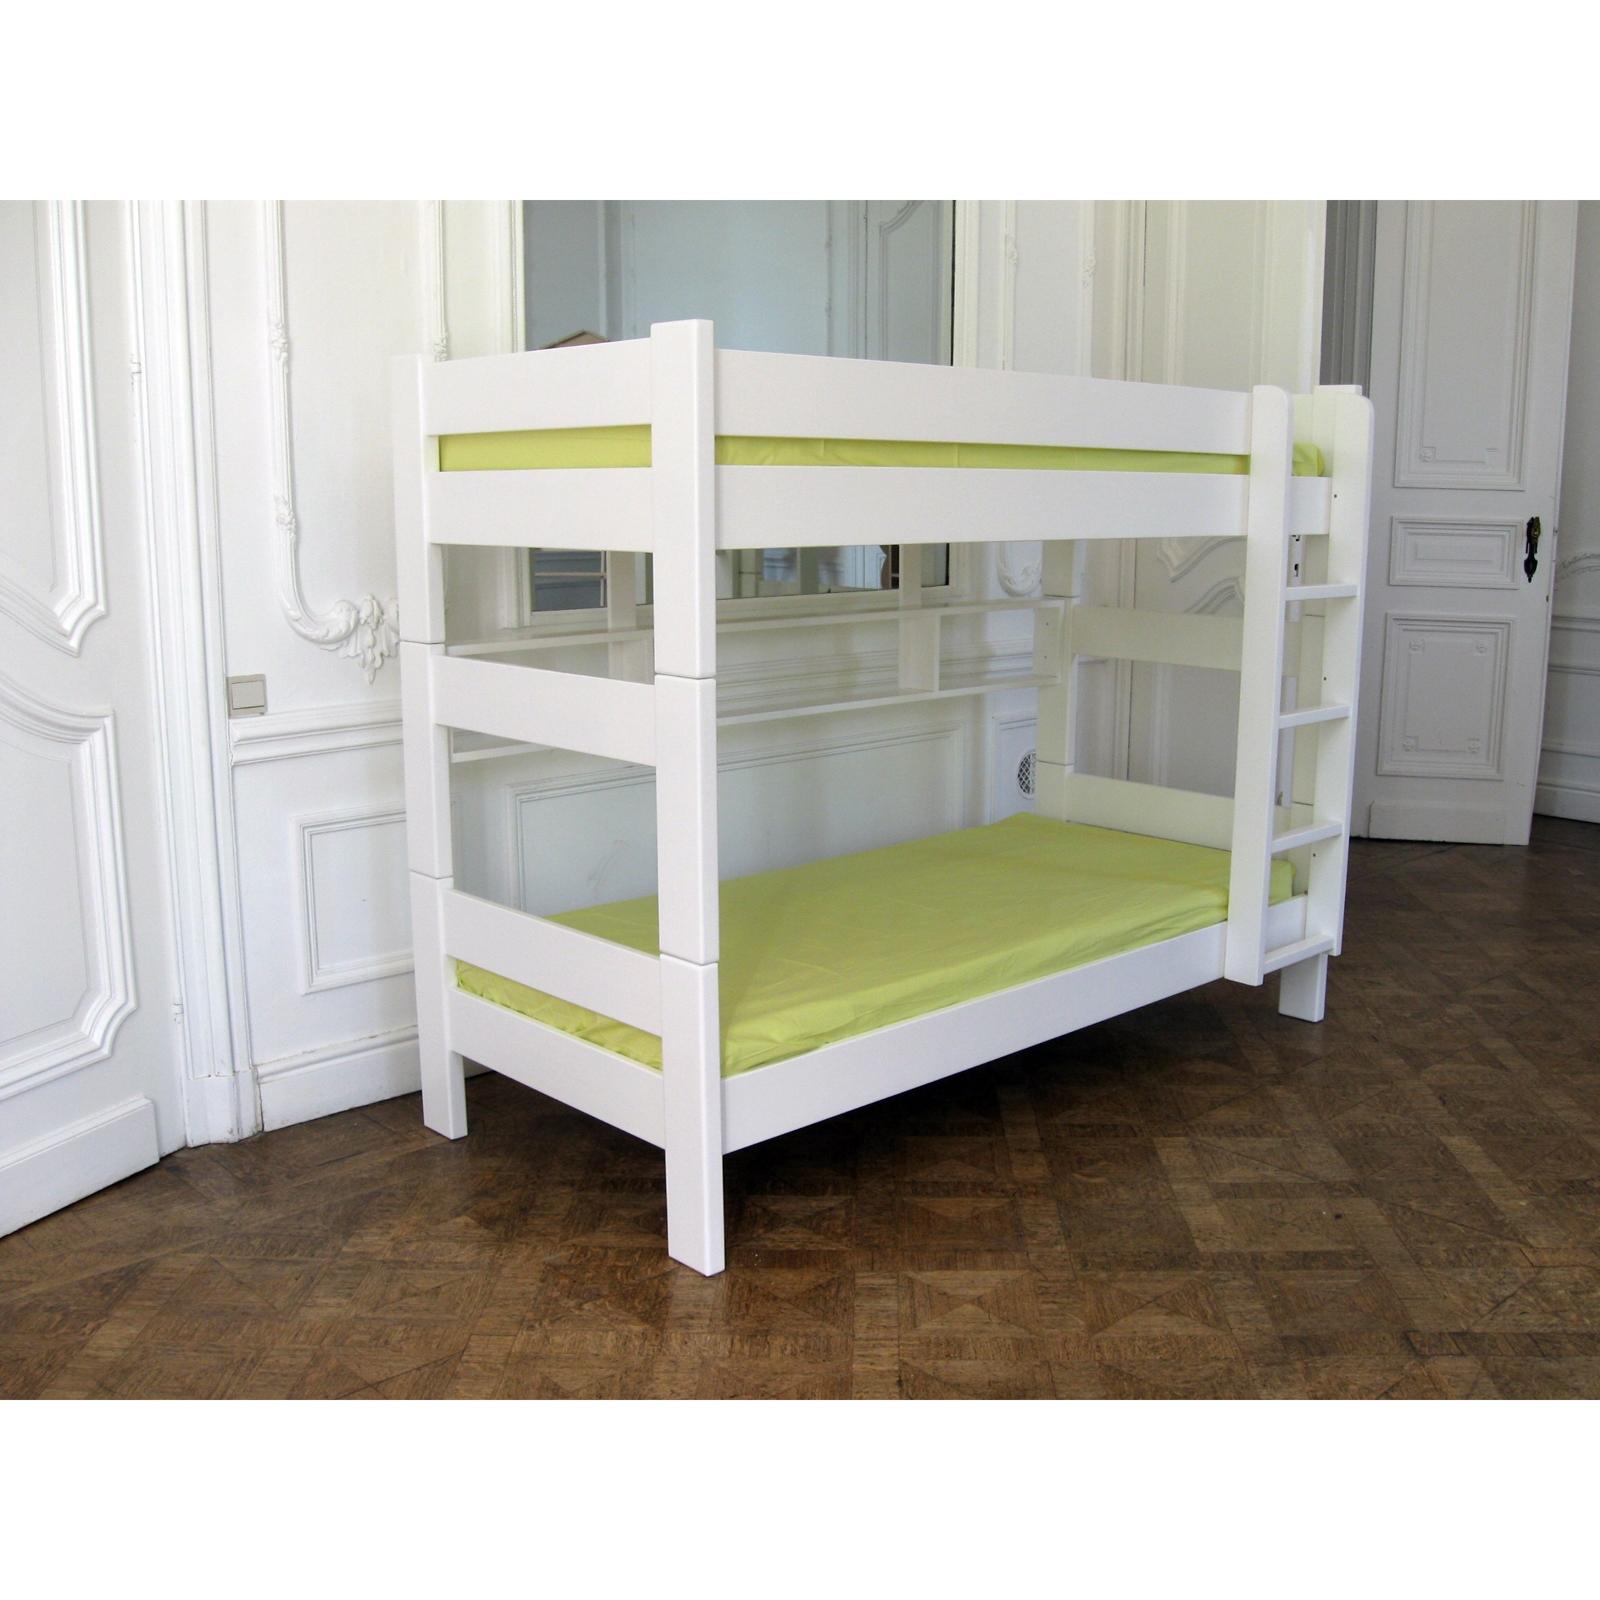 lit superposé pour bébé - berceau magique